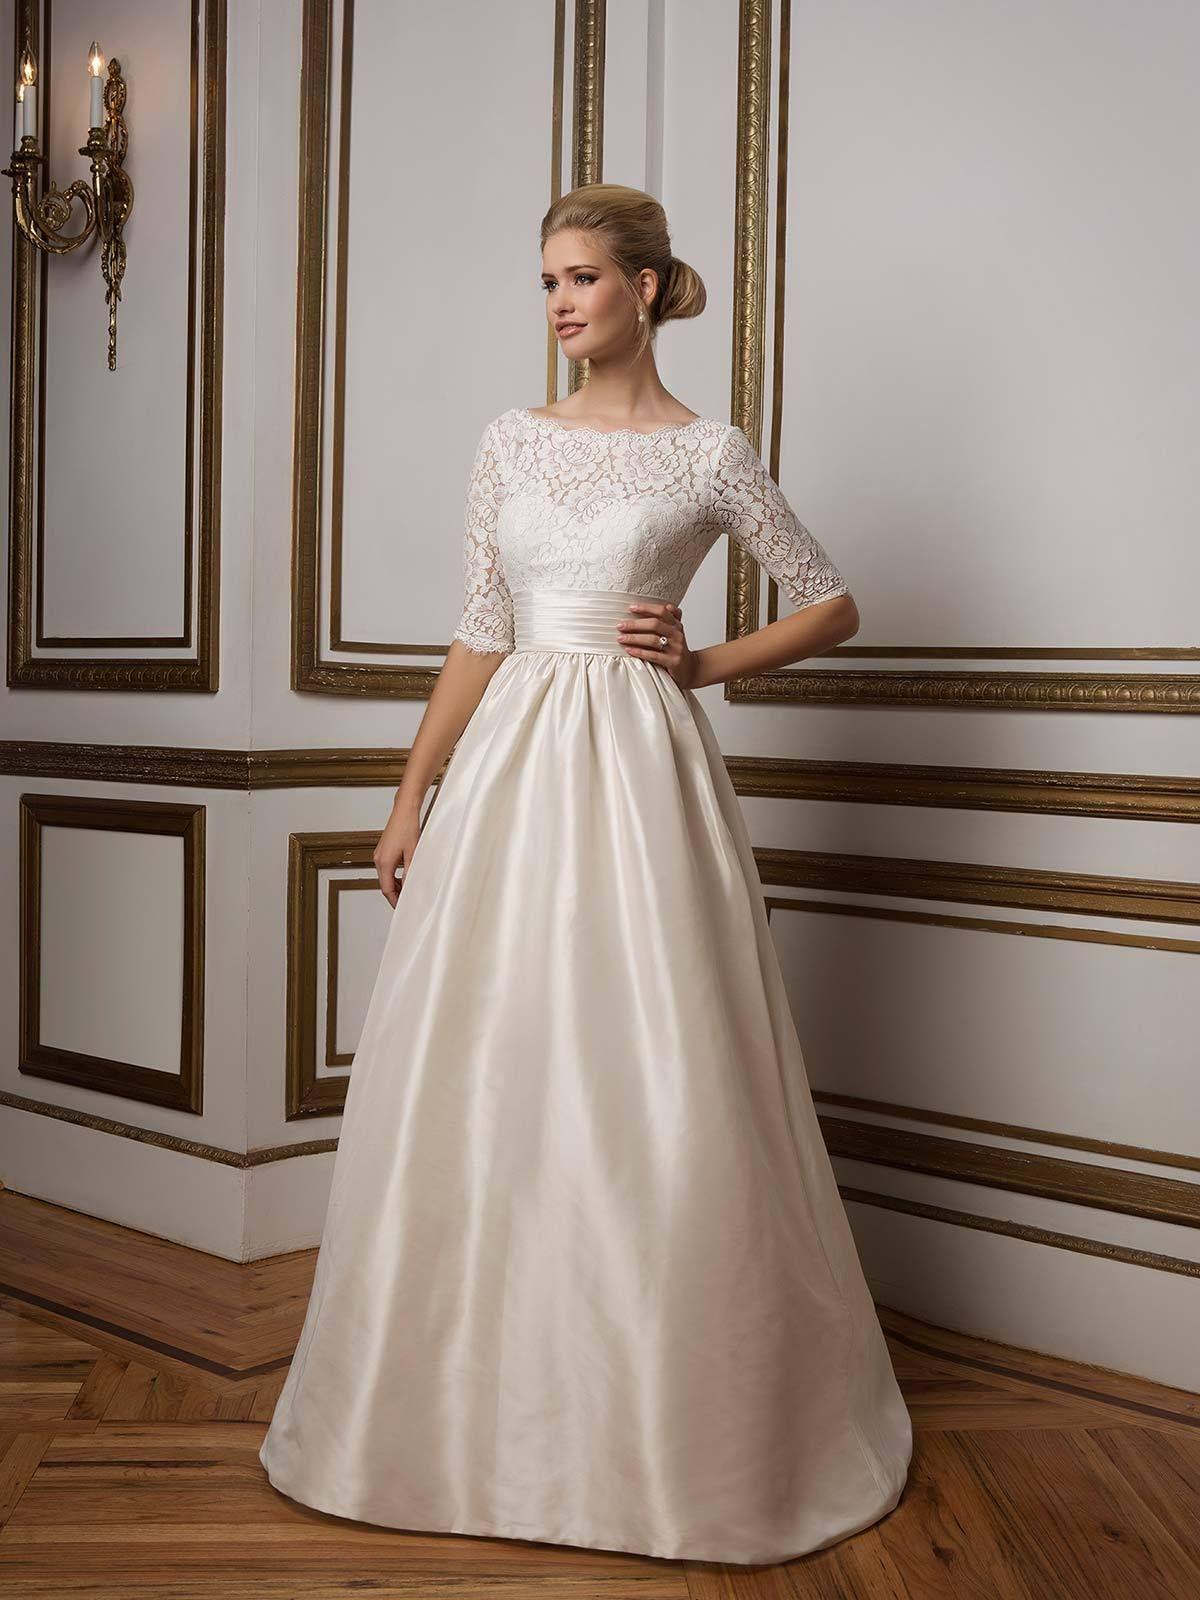 Brautkleid 11 von Justin Alexander auf Ja.de  Brautmode, Braut